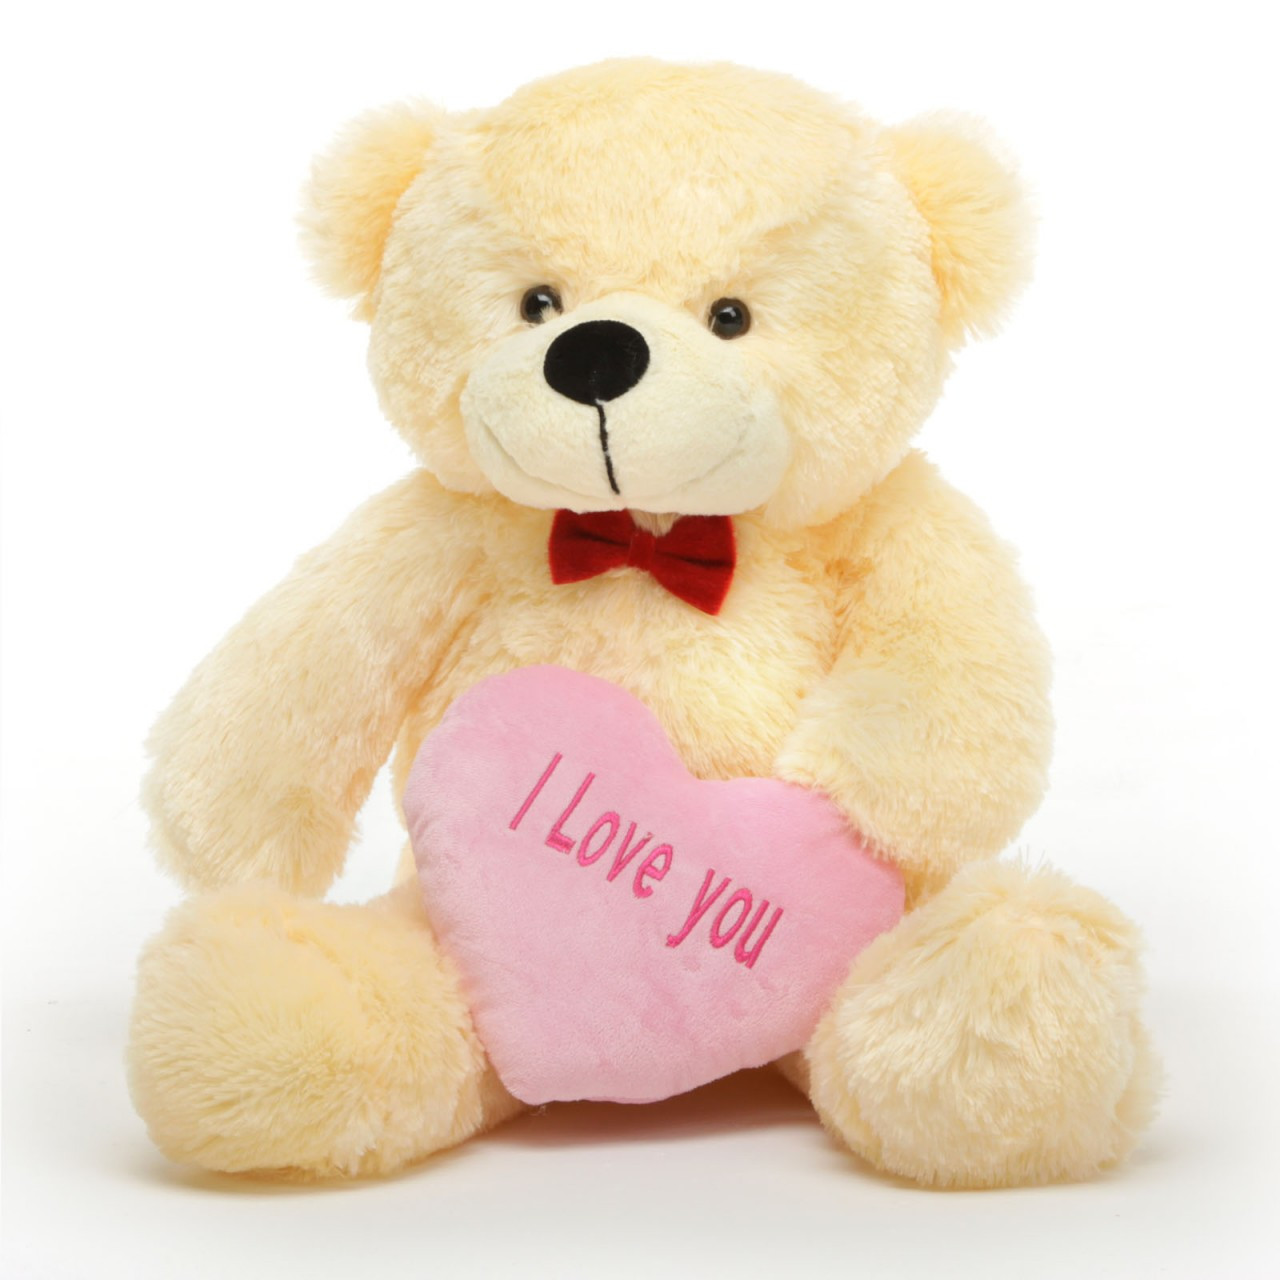 cozy l cuddles 30 vanilla teddy bear w i love you heart giant